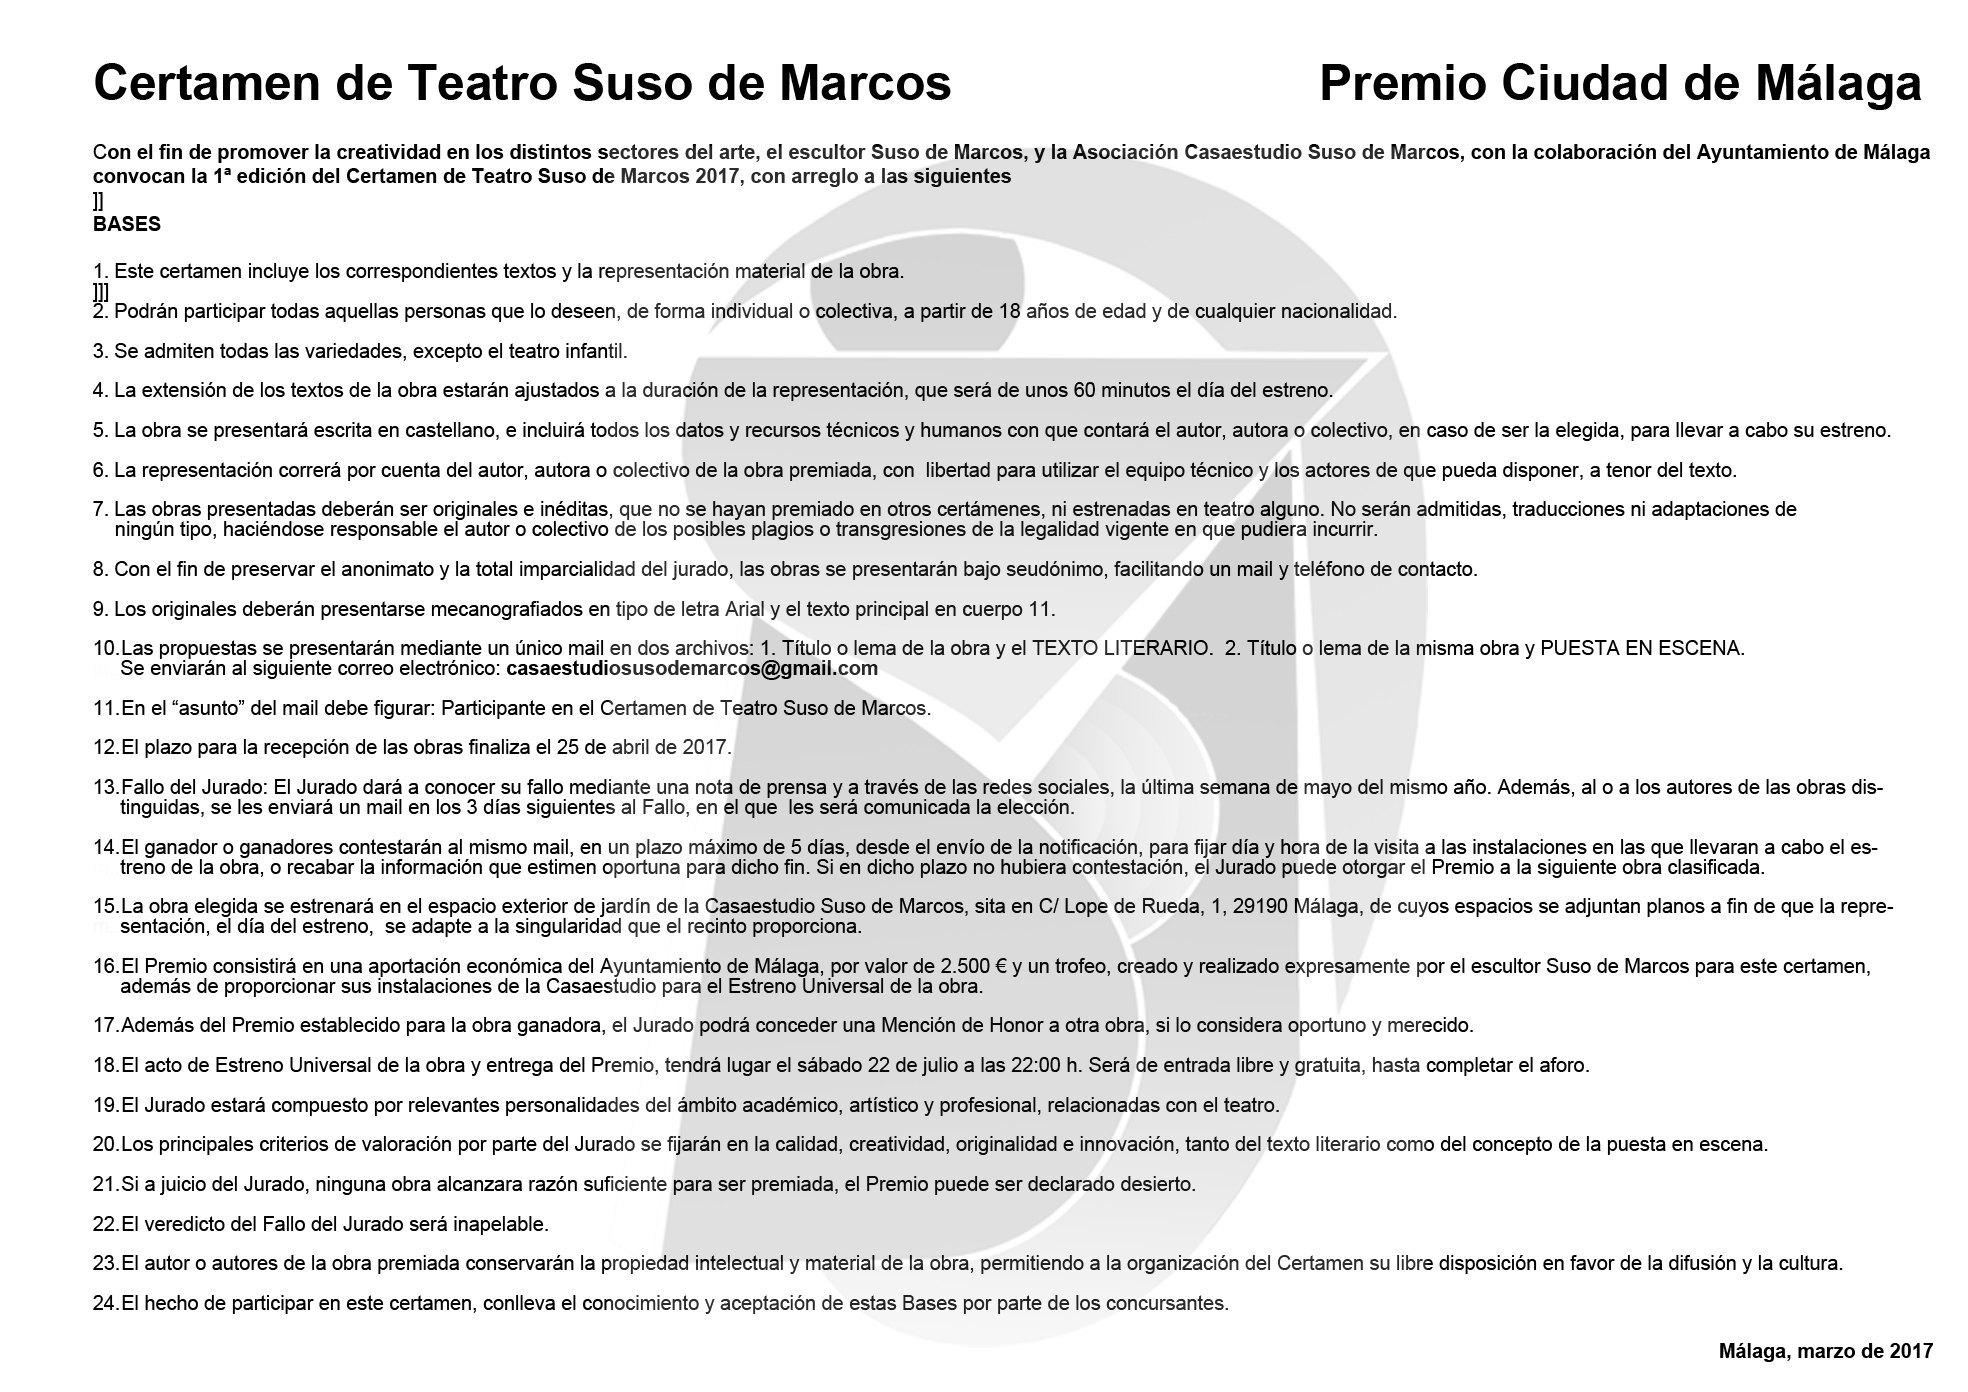 CONVOCATORIA CERTAMEN DE TEATRO SUSO DE MARCOS PREMIO CIUDAD DE ...